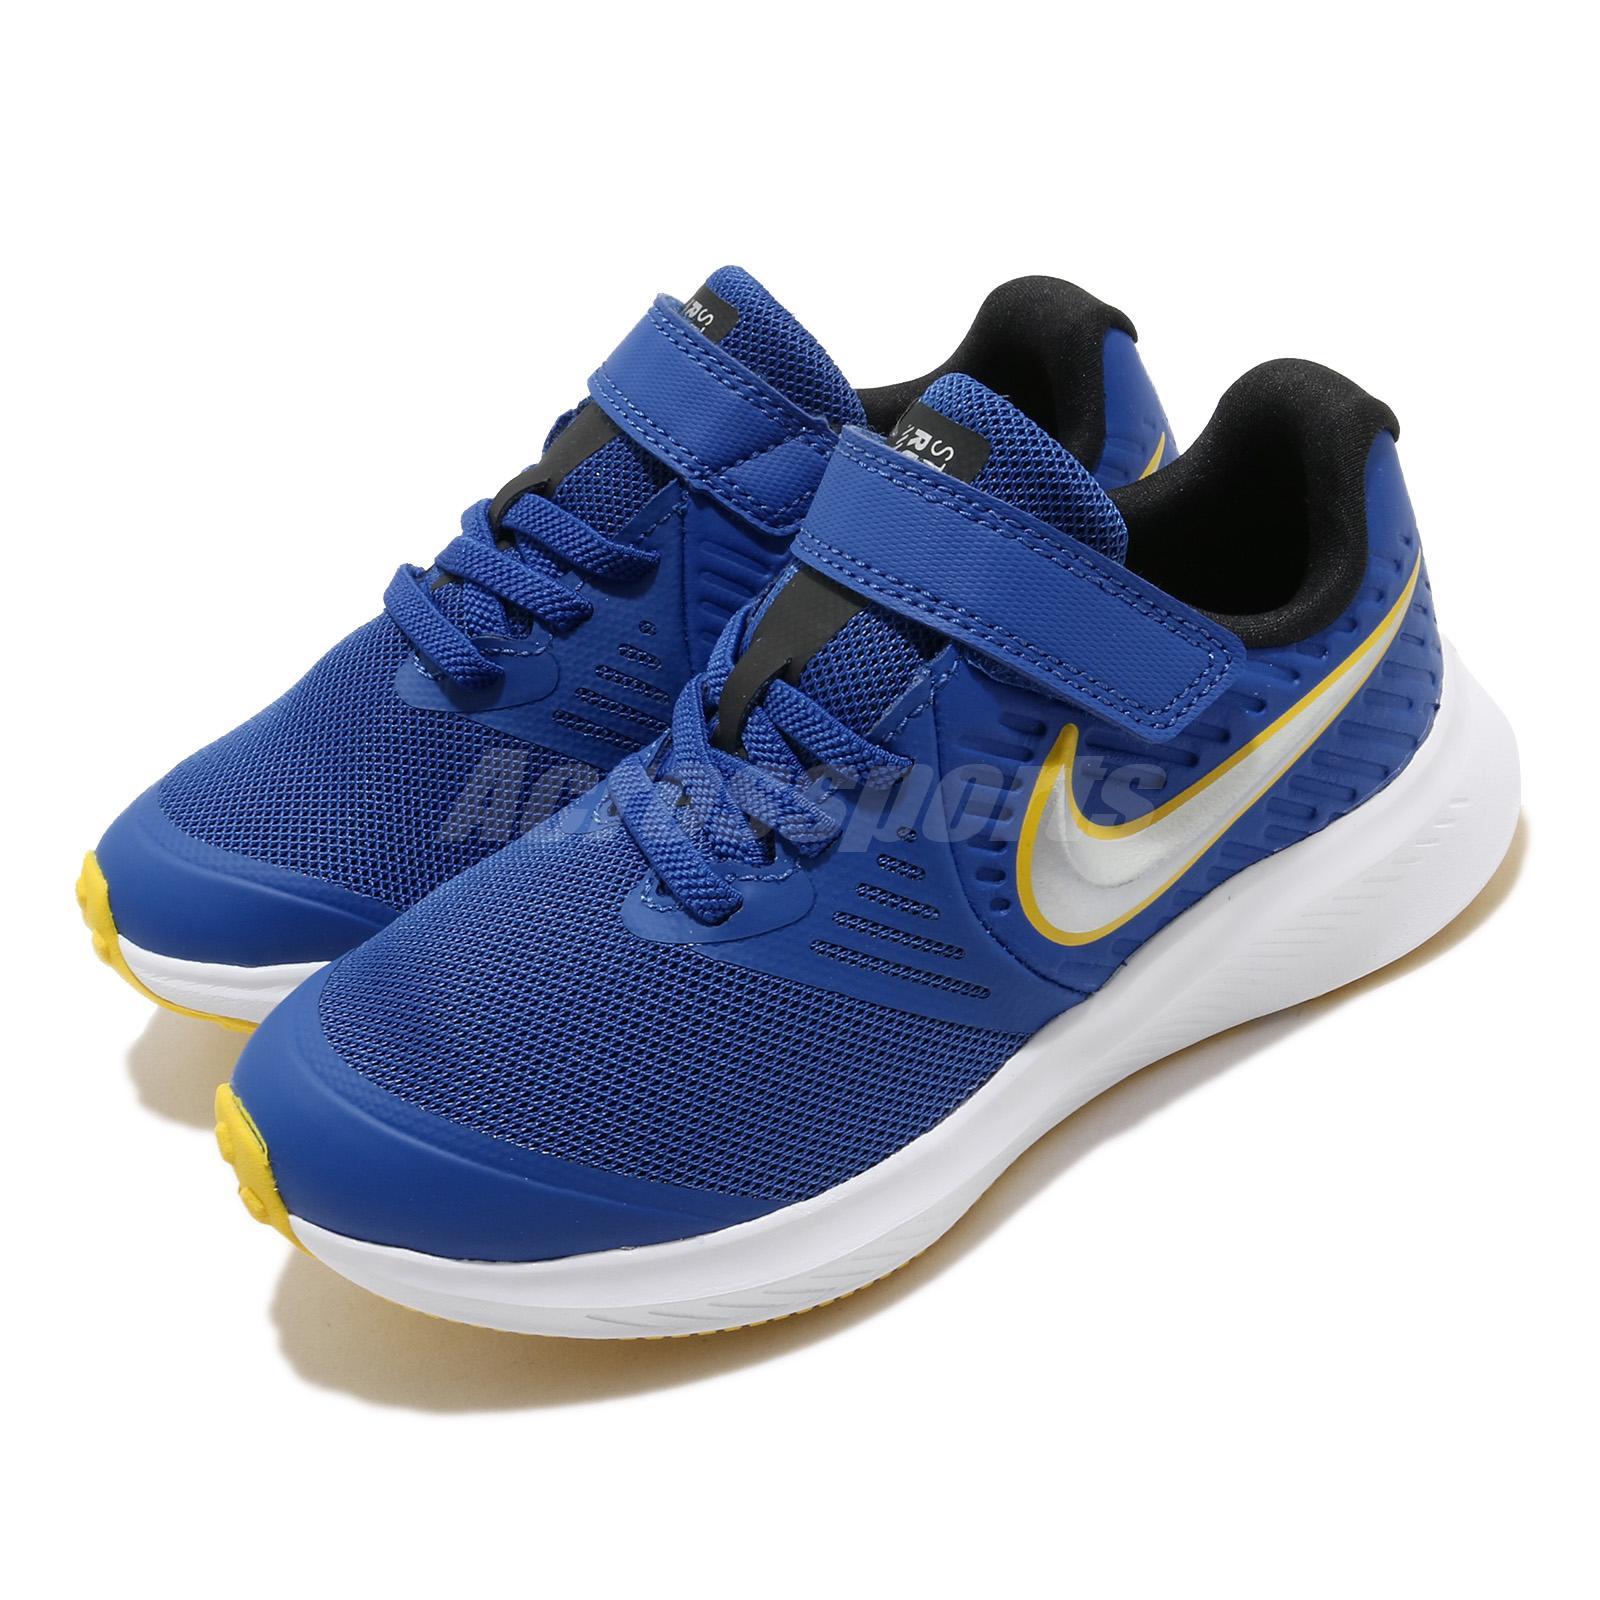 mineral desarrollando fregar  Nike Star Runner 2 PSV Game Royal Blue Silver Yellow Kid Preschool AT1801-404  | eBay